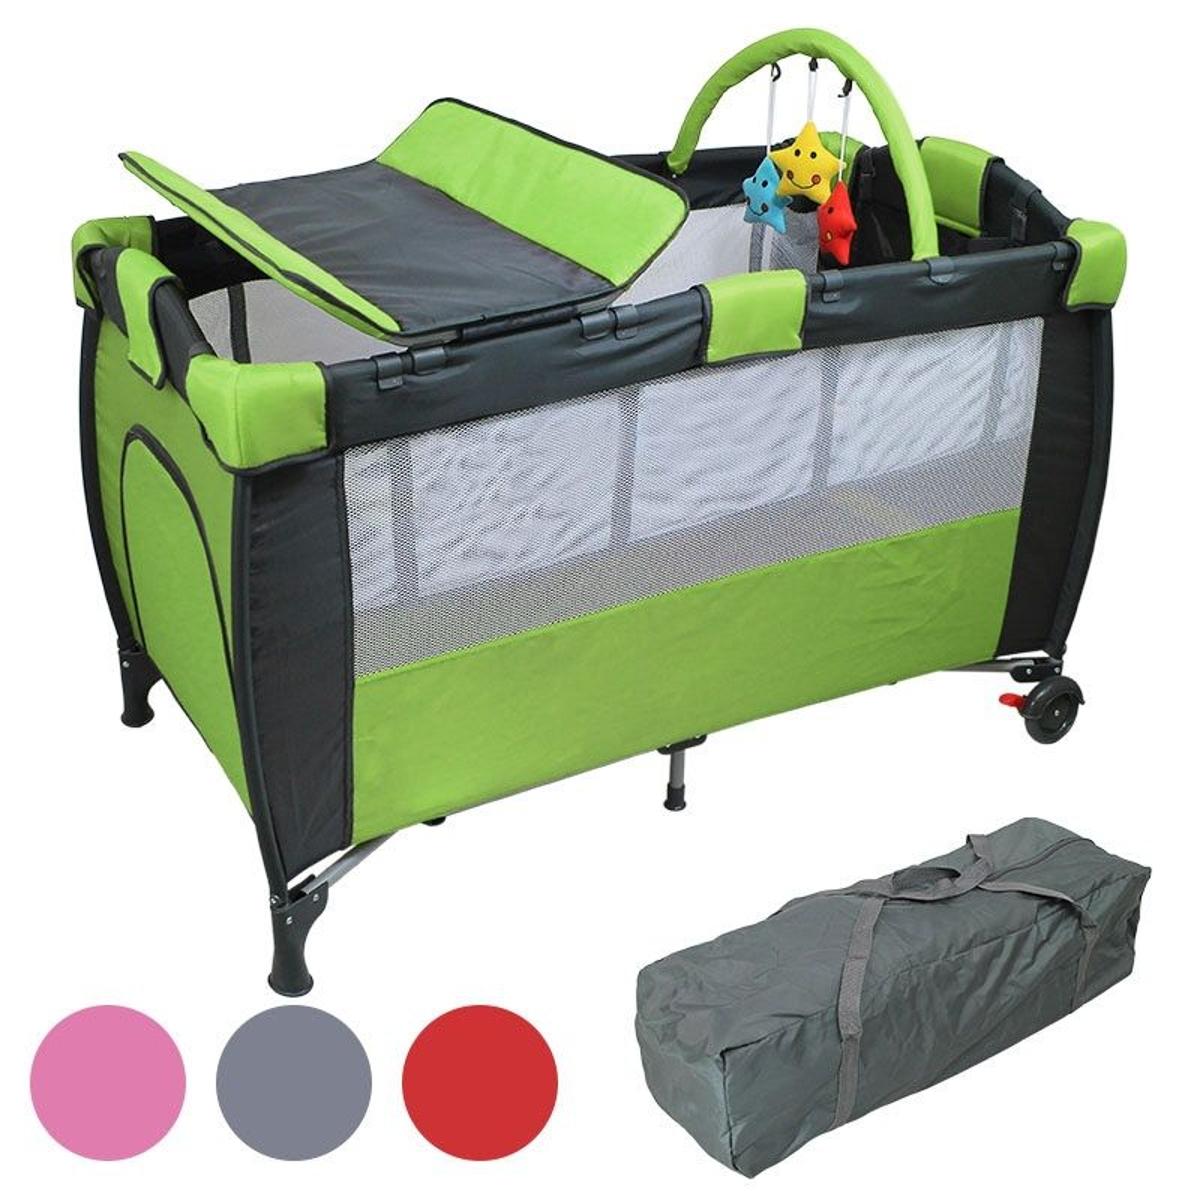 Lit bébé parapluie 60 x 120 cm avec matelas, plan à langer, hamac et Jouets - Vert